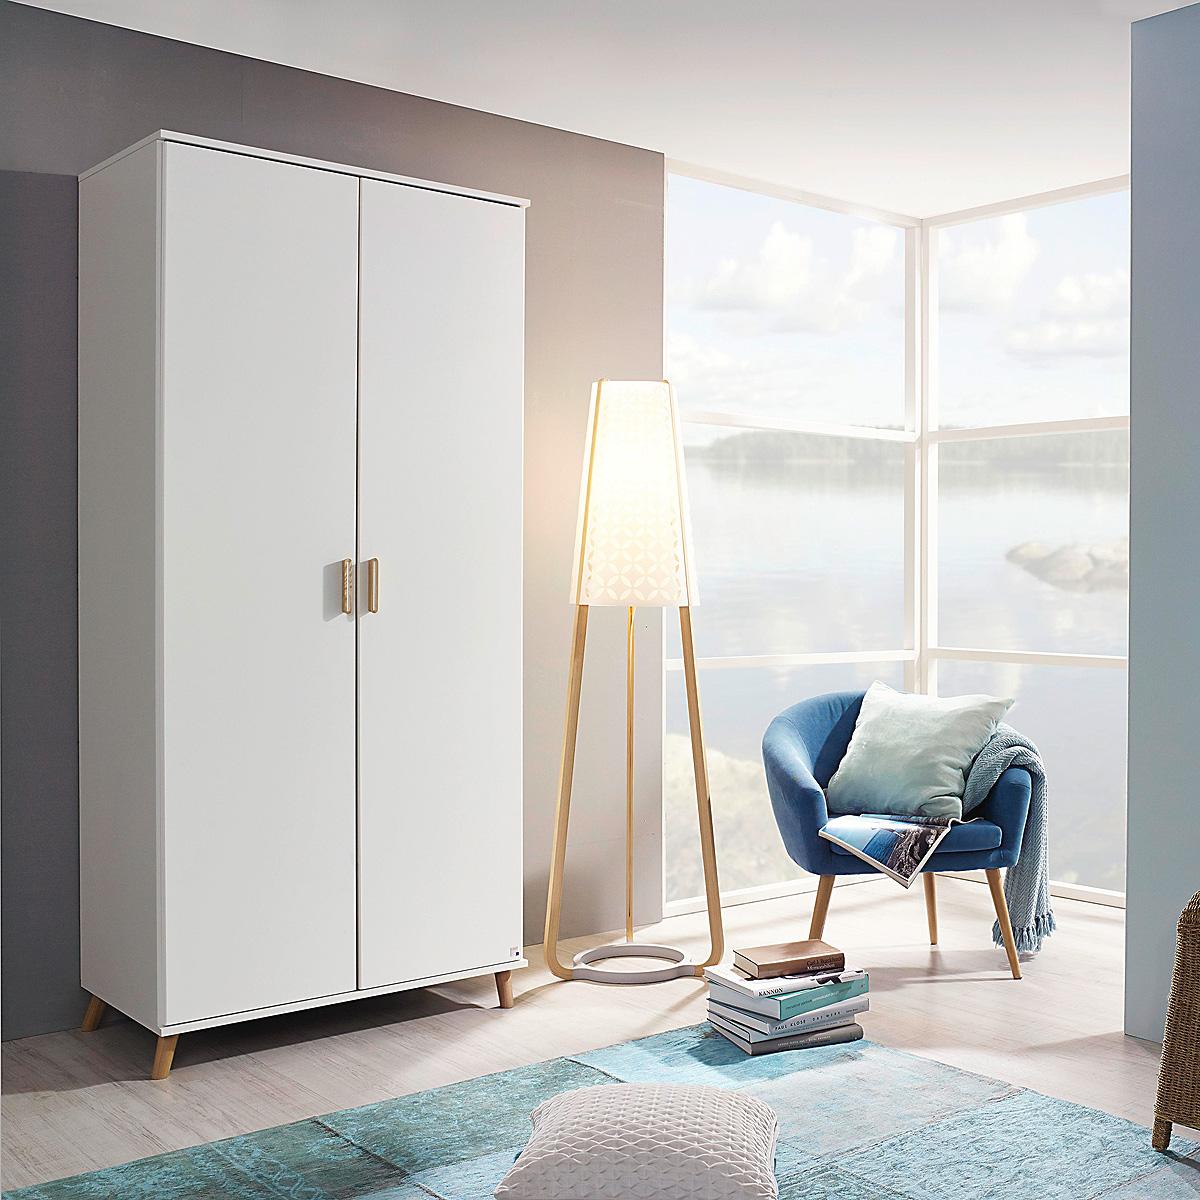 kleiderschrank falun kinderzimmerschrank schrank in wei und esche coimbra 92 cm ebay. Black Bedroom Furniture Sets. Home Design Ideas